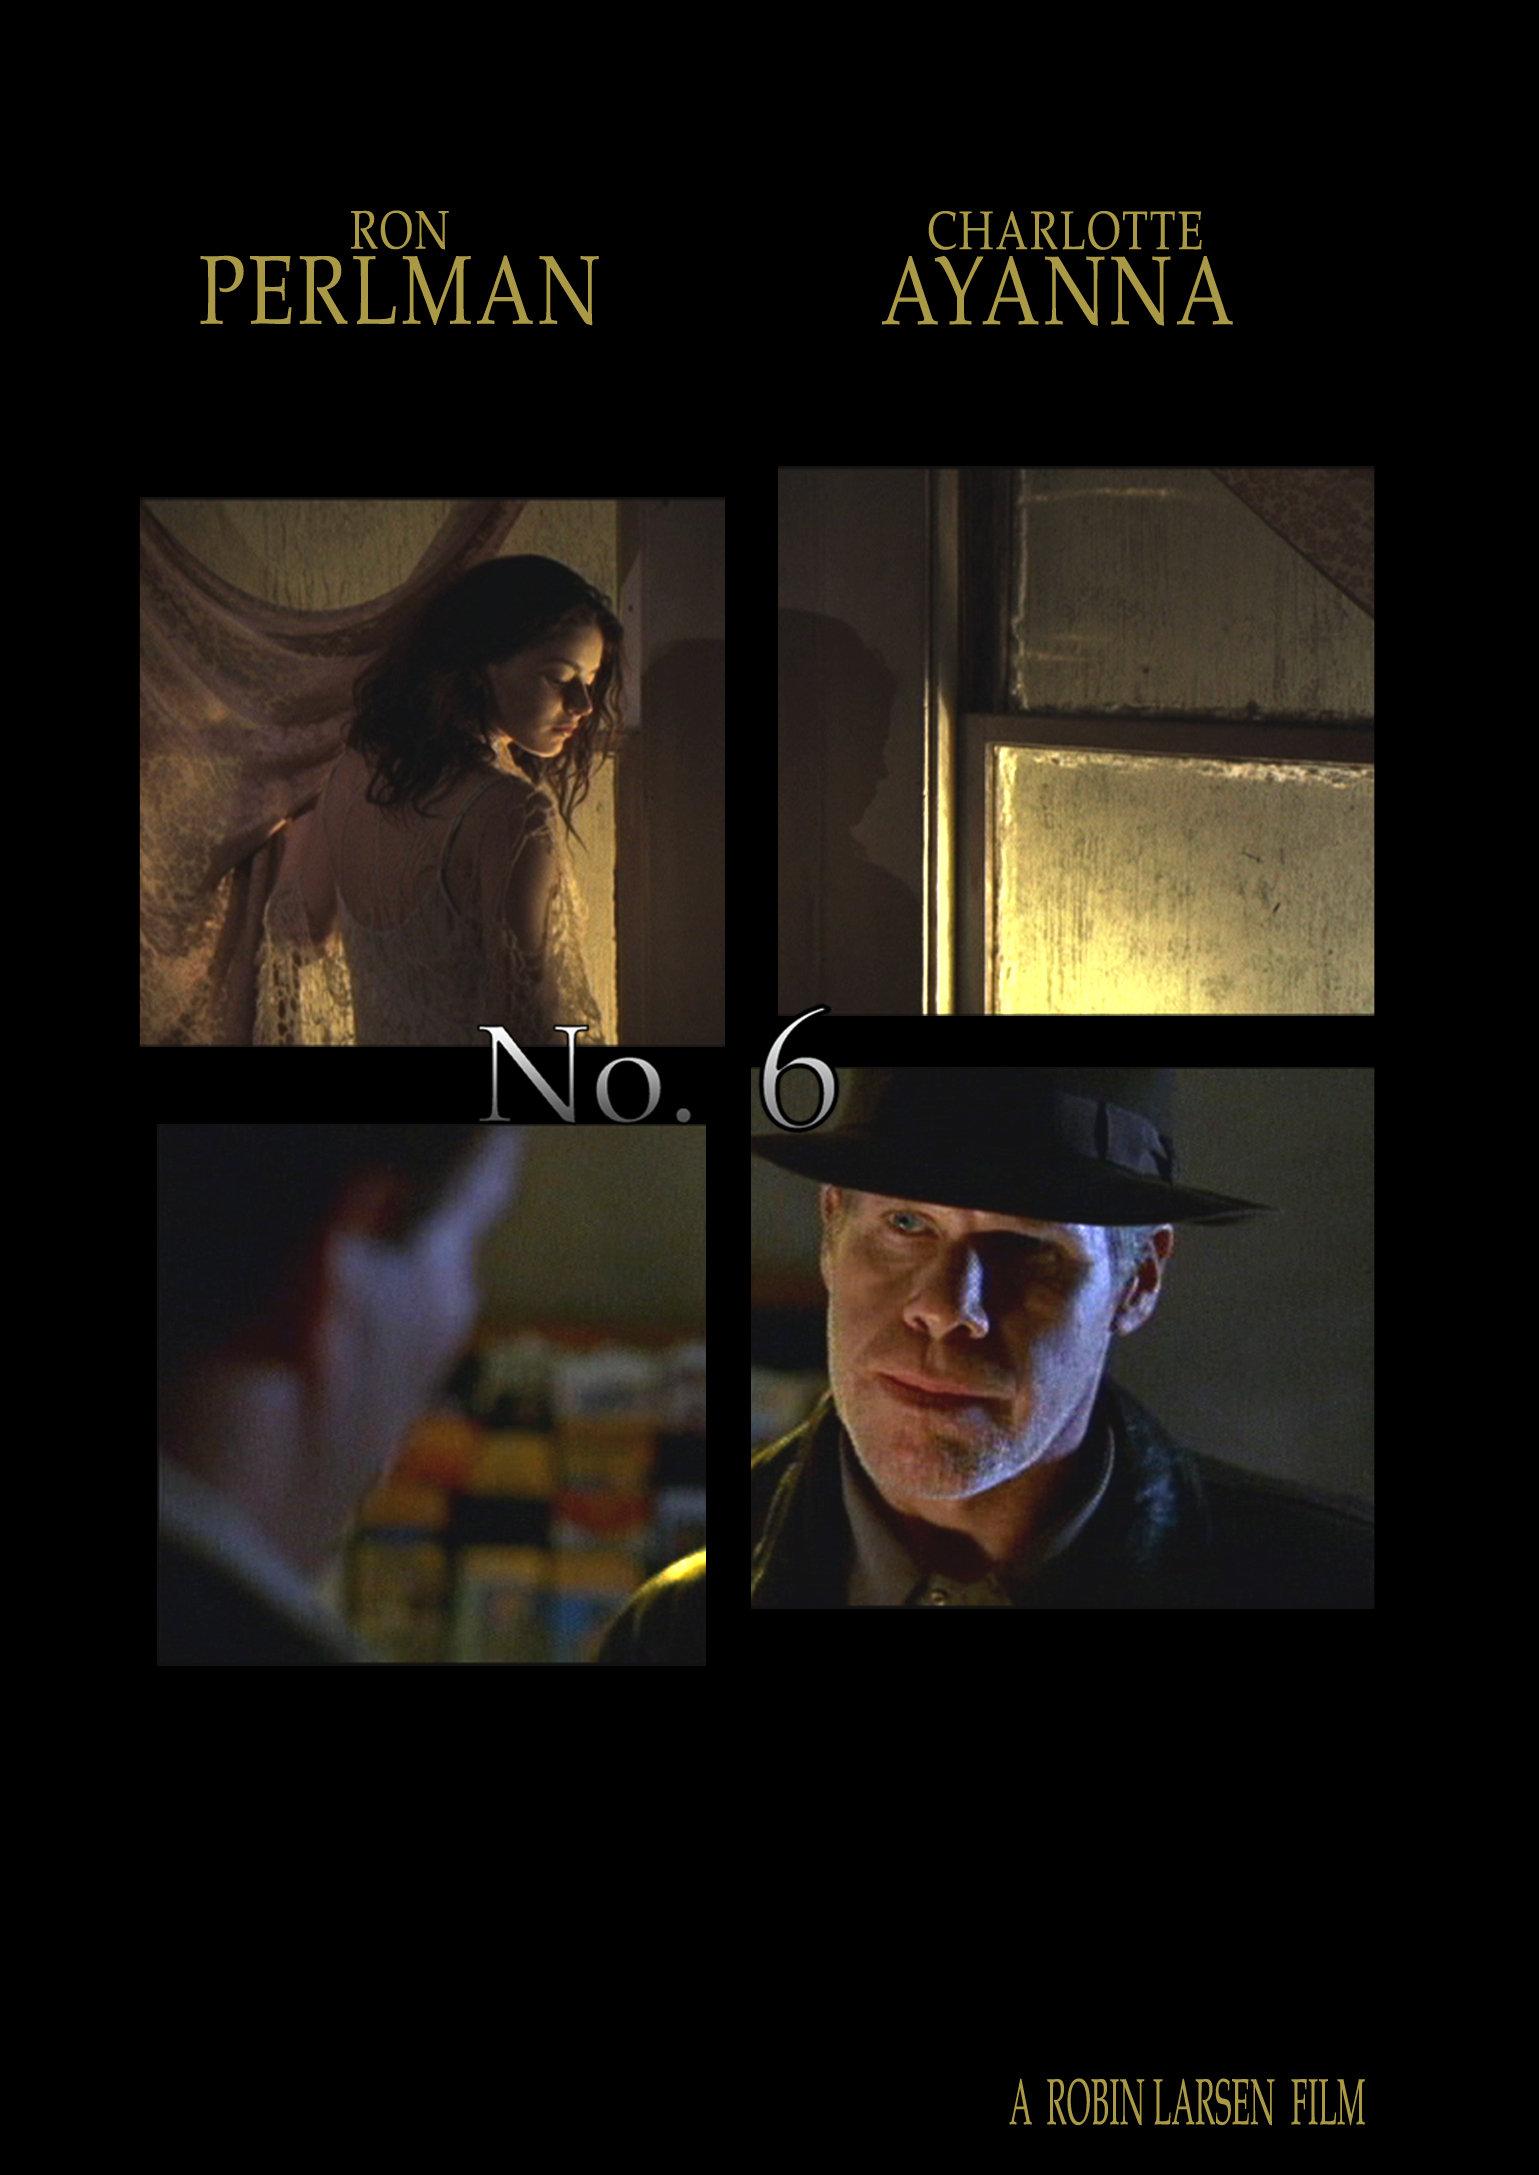 No. 6 poster